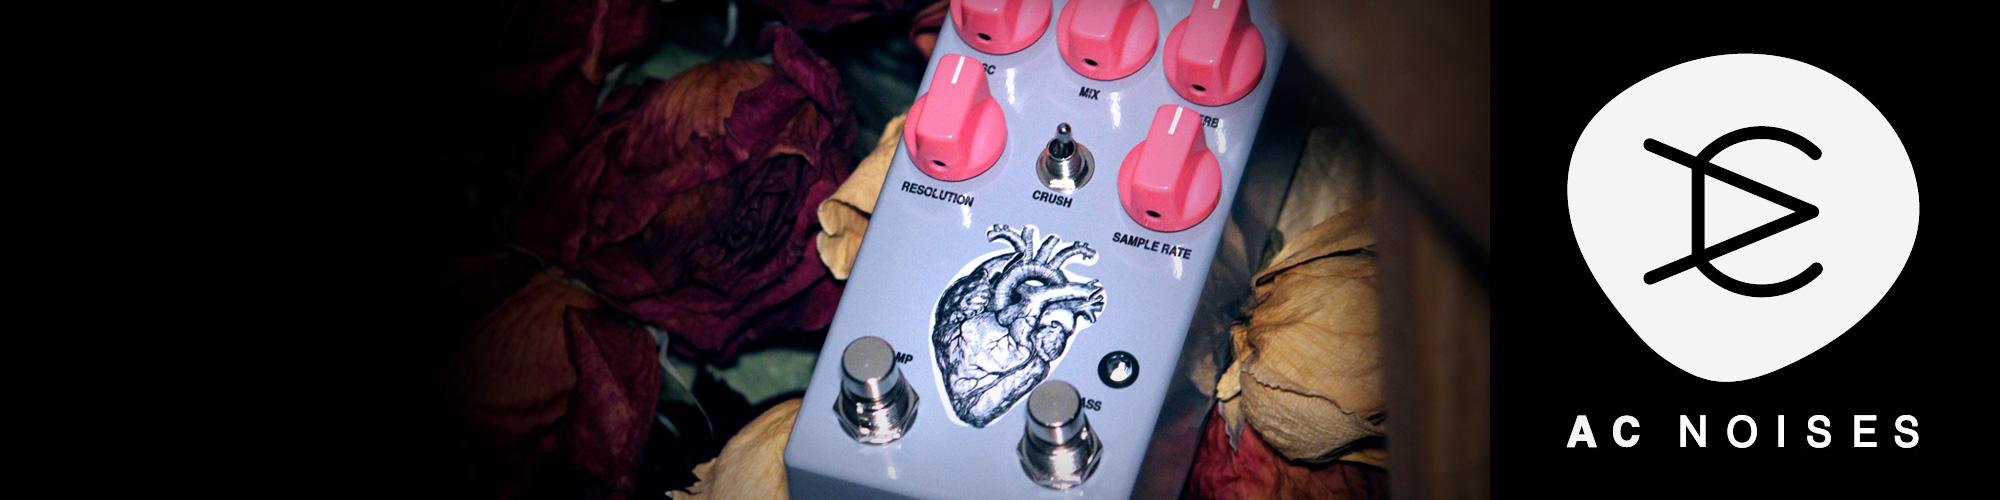 AC Noises AMA V2